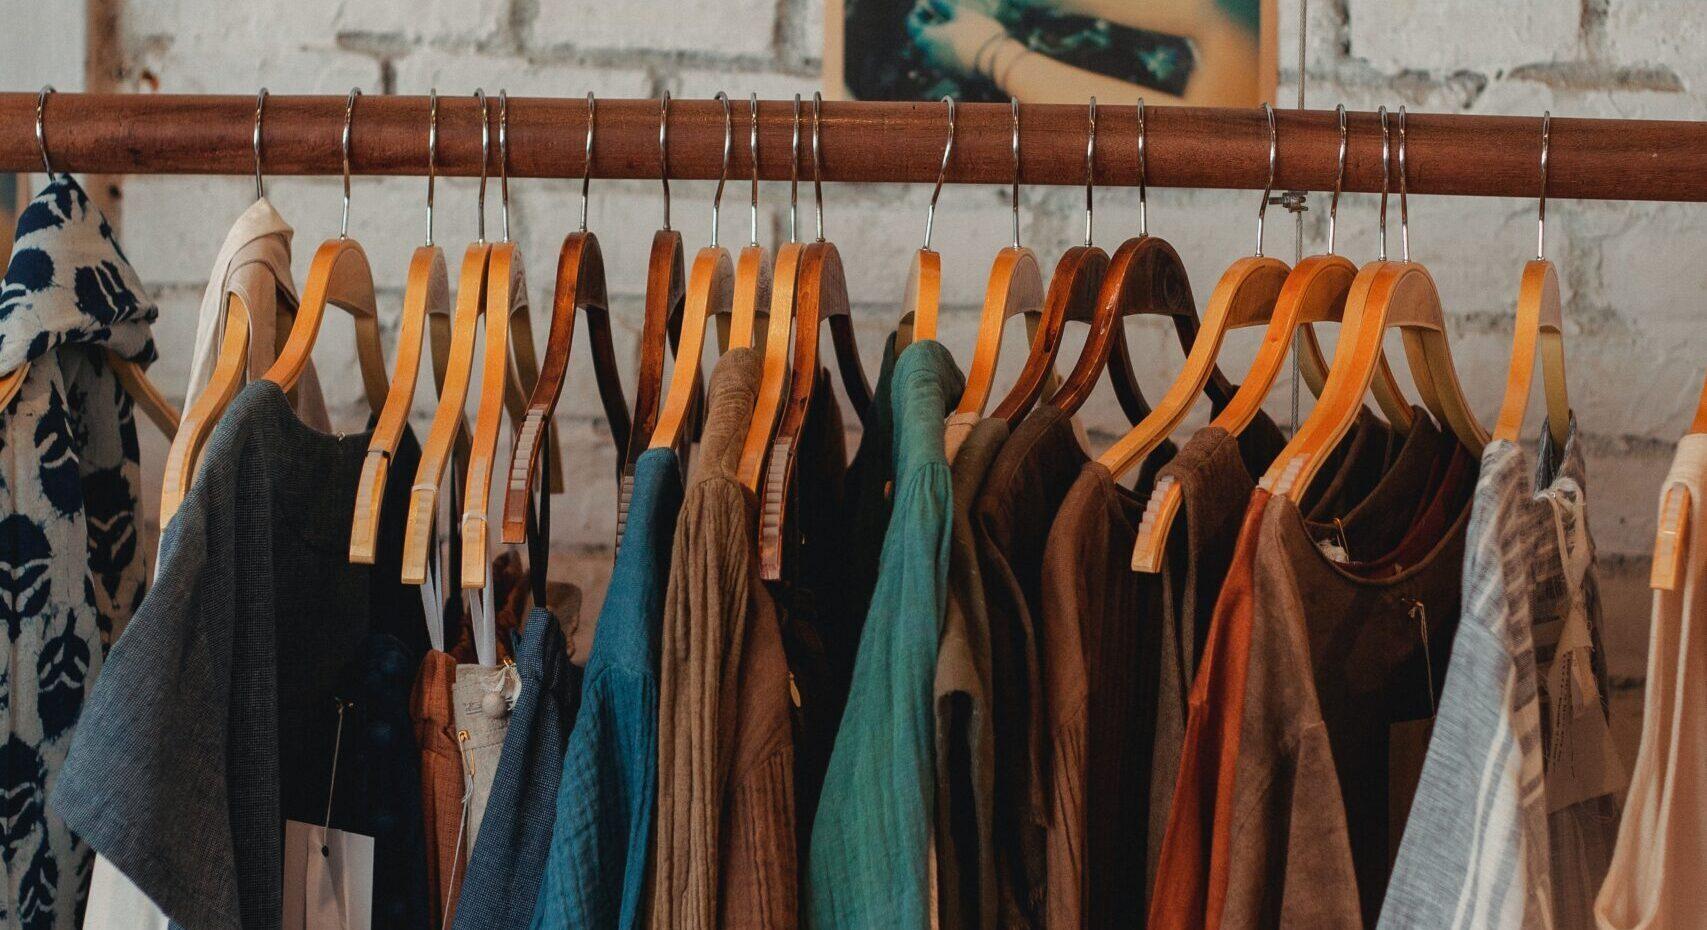 Basta shopping! Vivere senza comprare nuovi vestiti